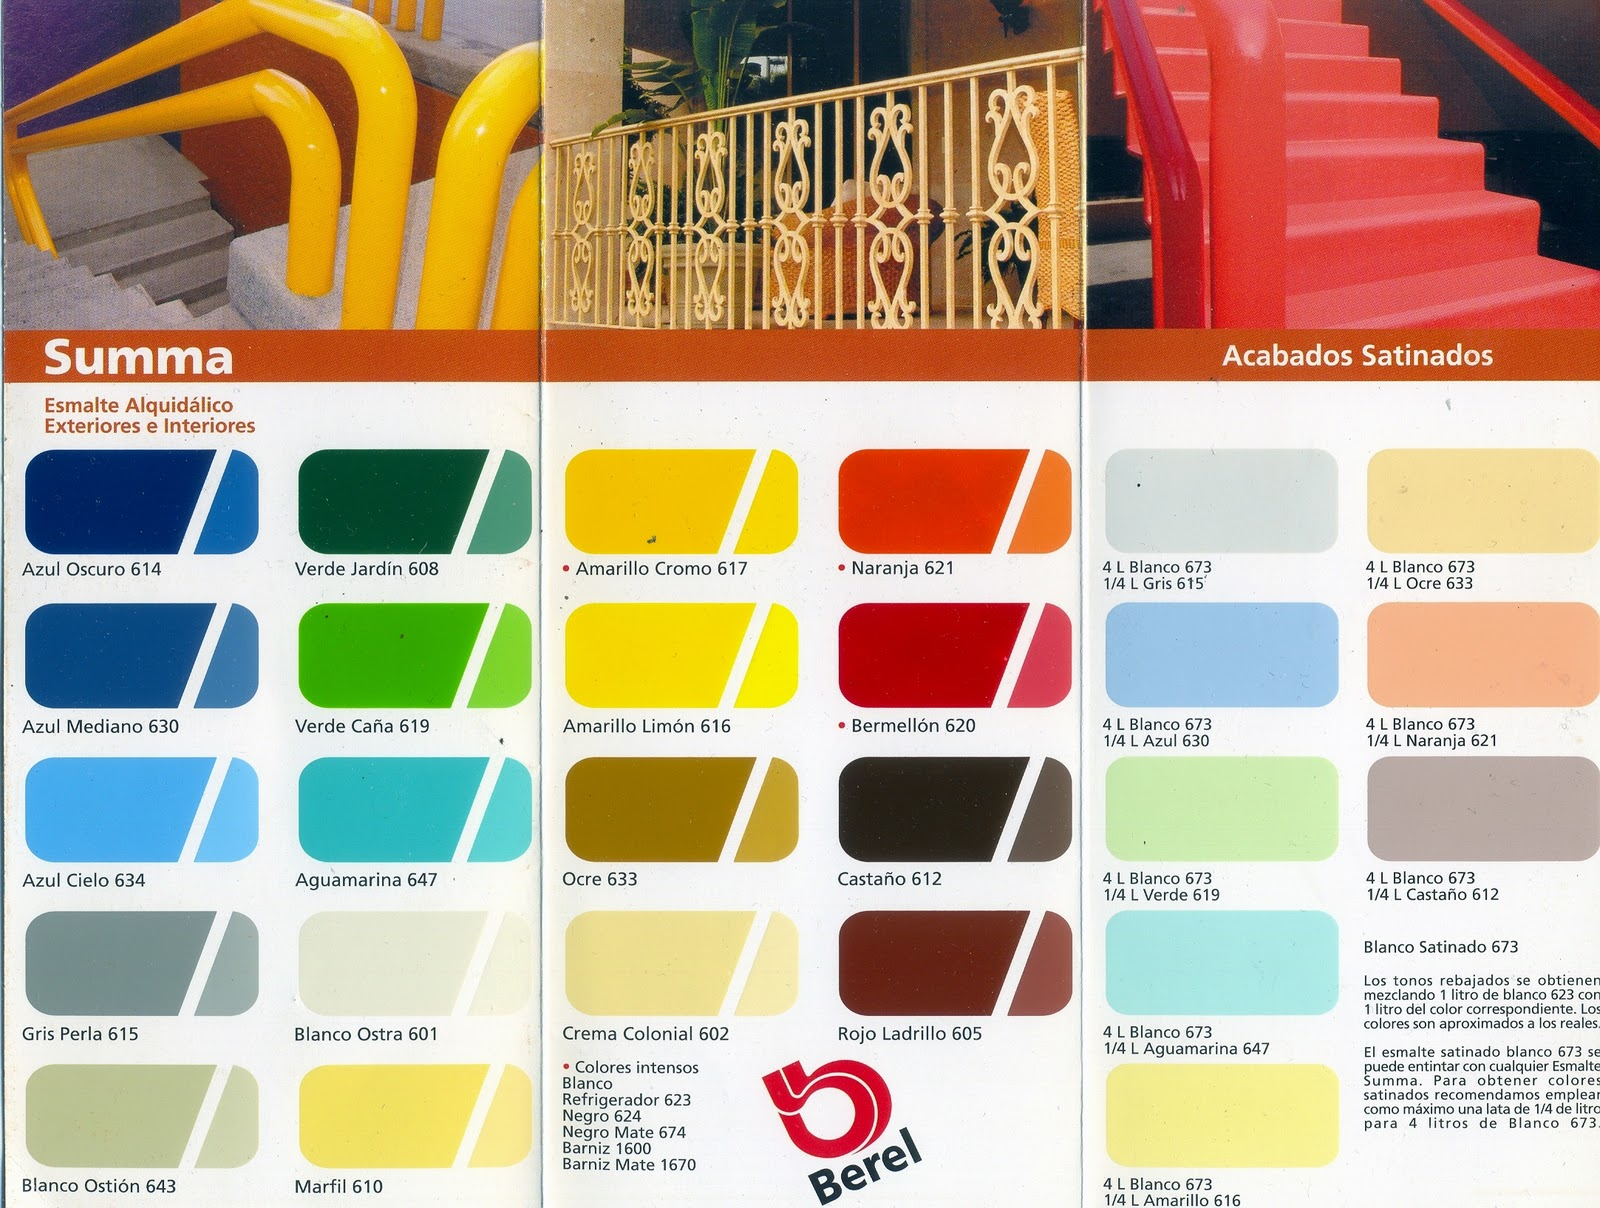 Muestrario de colores de pinturas imagui for Muestrario de pinturas